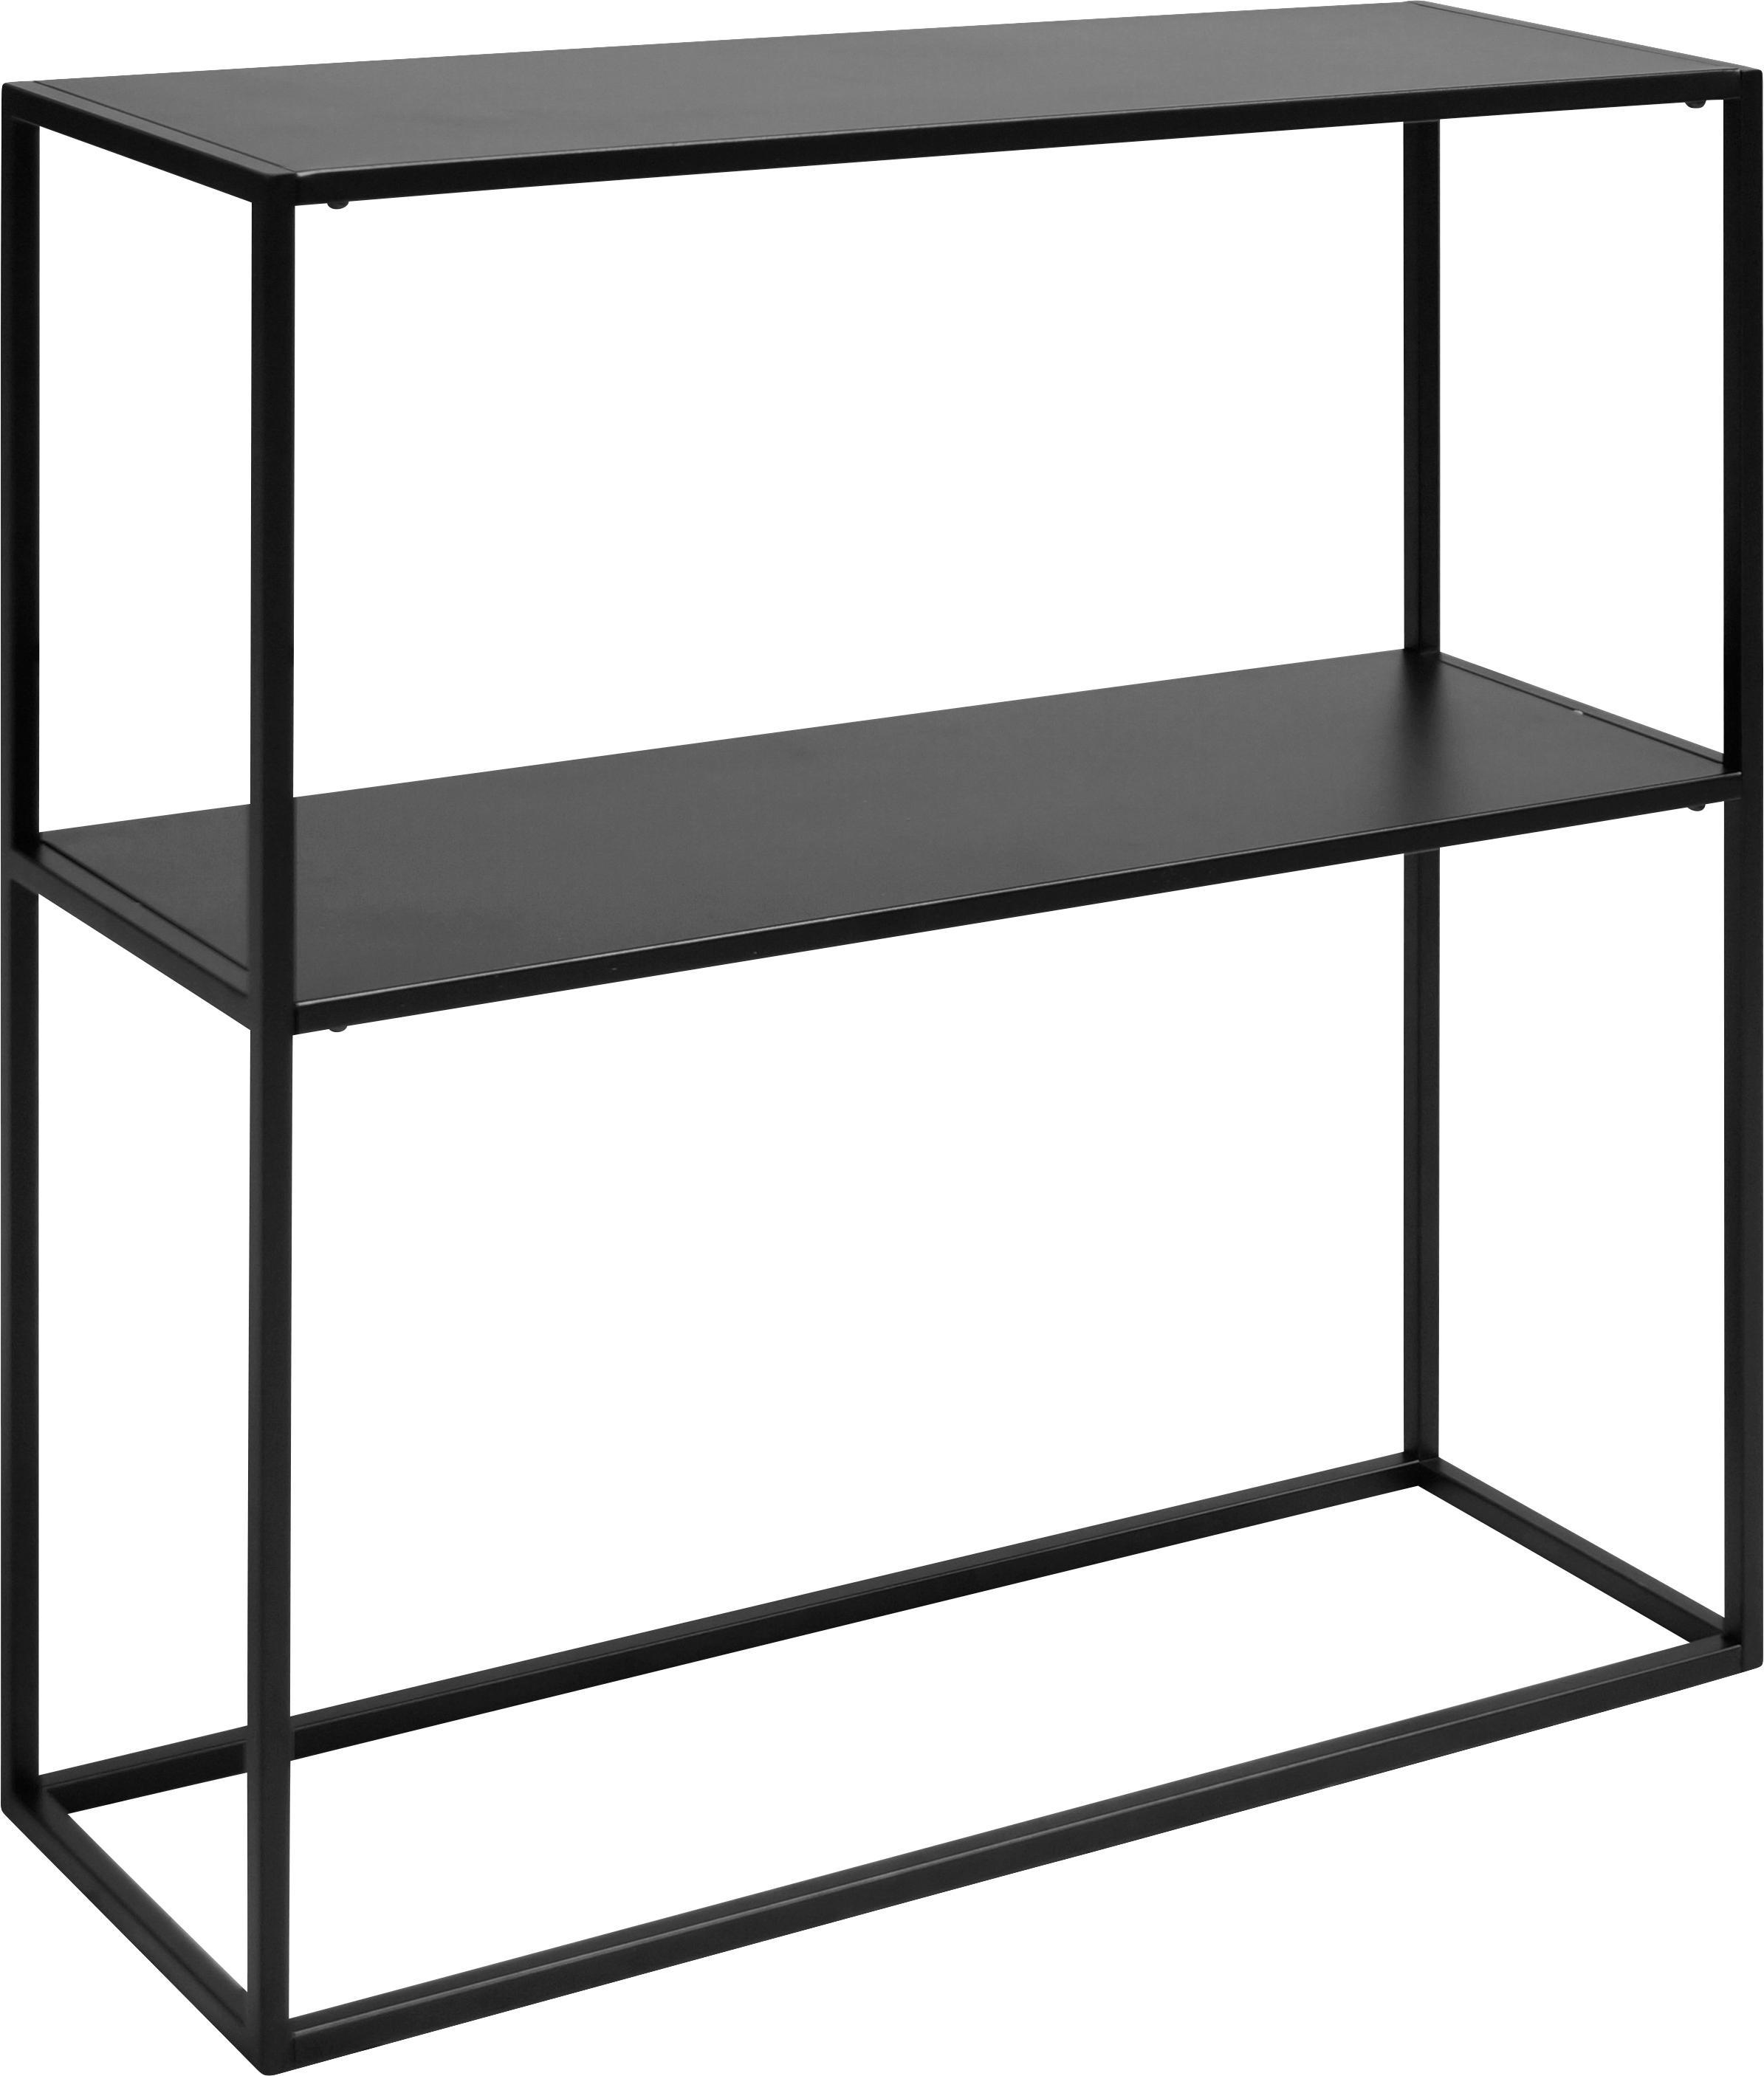 Metalen wandrek Newton in zwart, Gepoedercoat metaal, Zwart, B 80 x D 26 cm